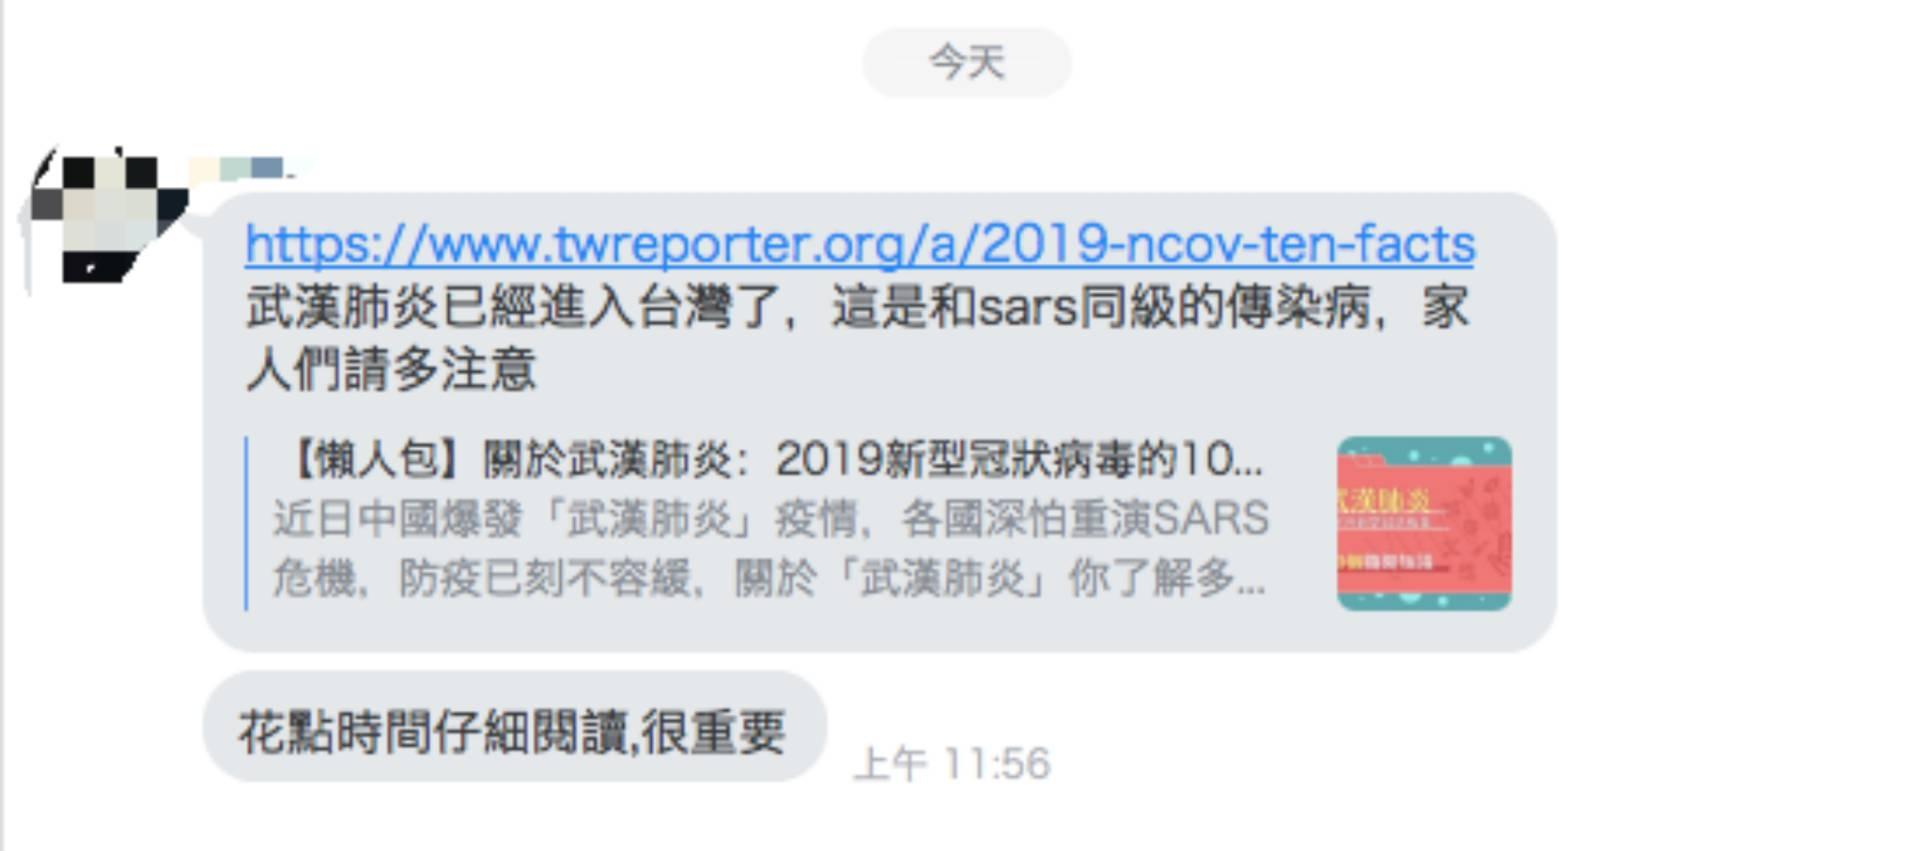 各醫院擅公布「武漢肺炎疑似案例」 疾管署喊話:由中央統一發言